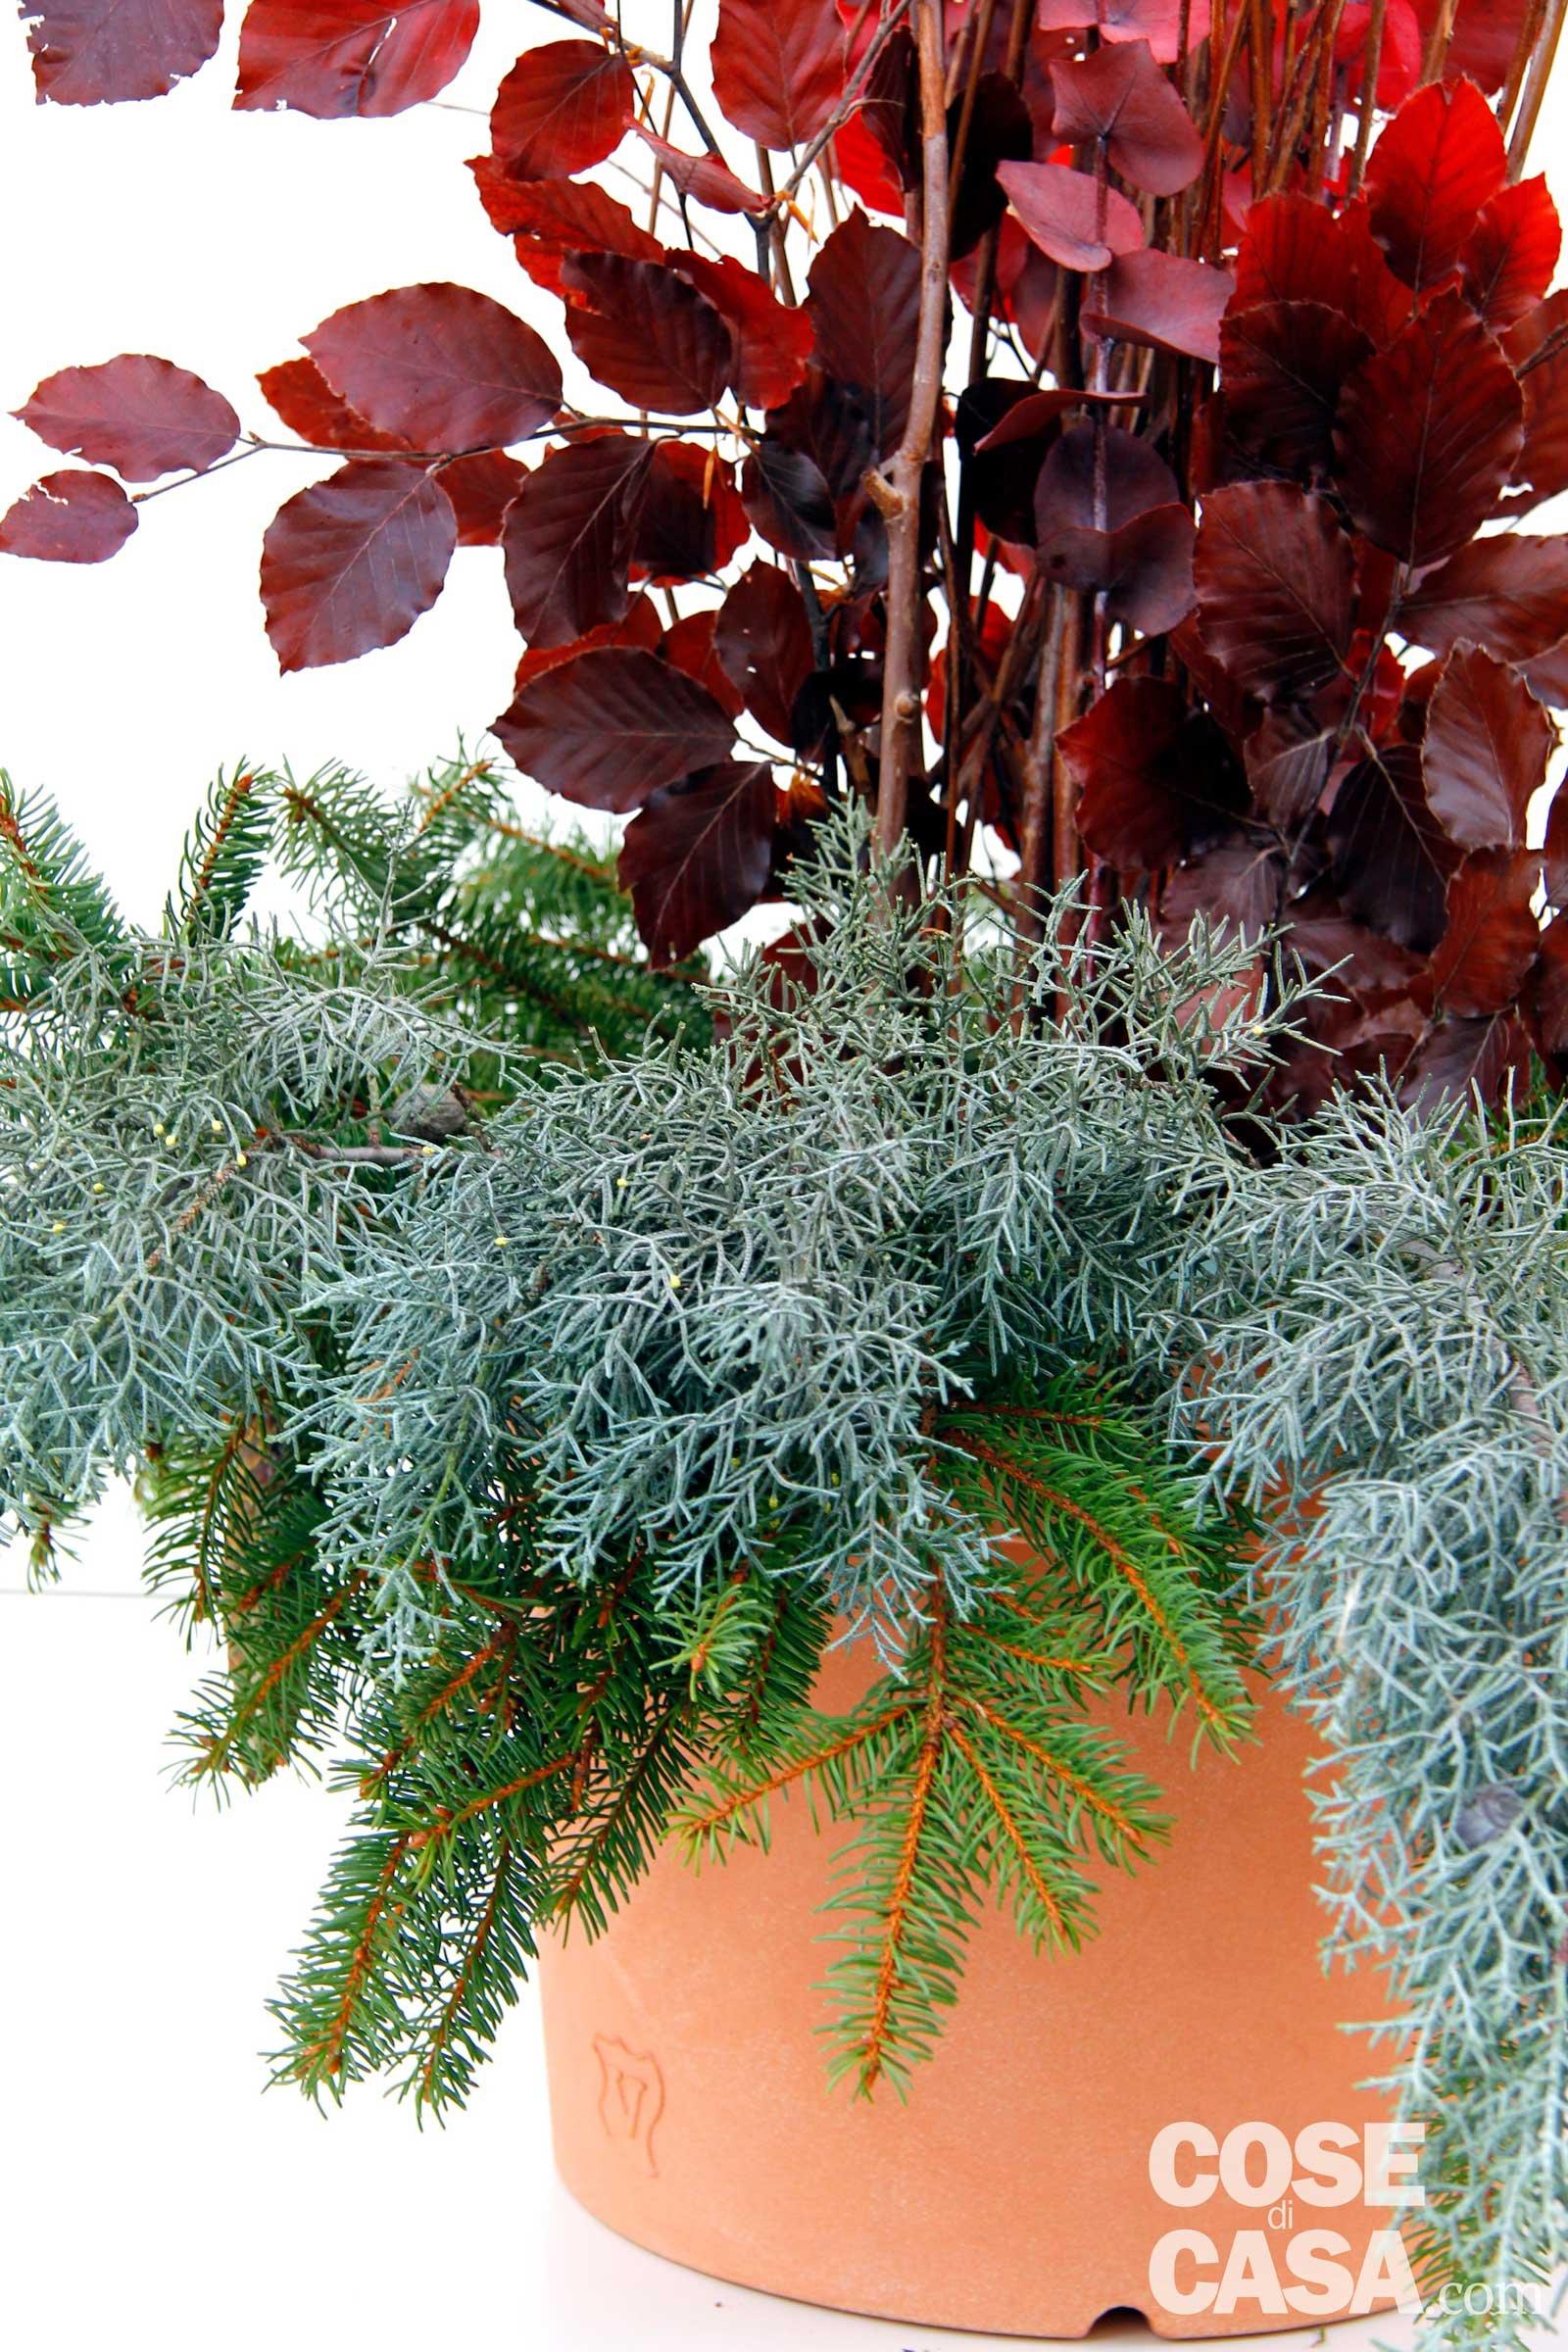 Creare Composizioni Per Natale la composizione natalizia per decorare l'ingresso - cose di casa